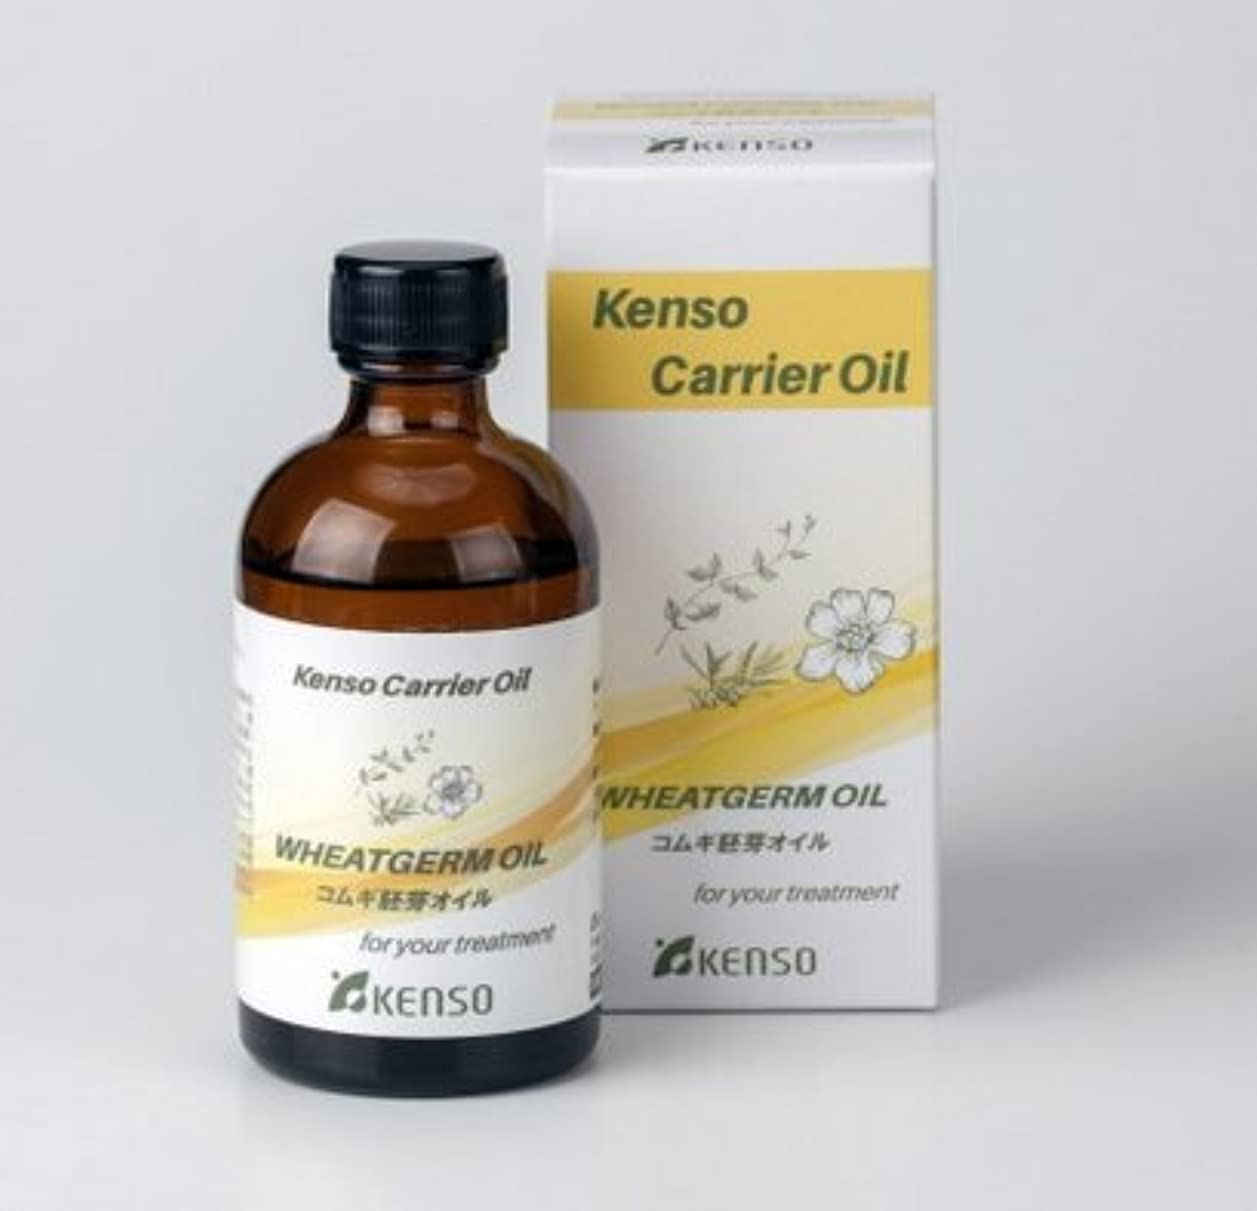 しなやかビタミン啓発する小麦胚芽オイル 100mlKENSOの植物油